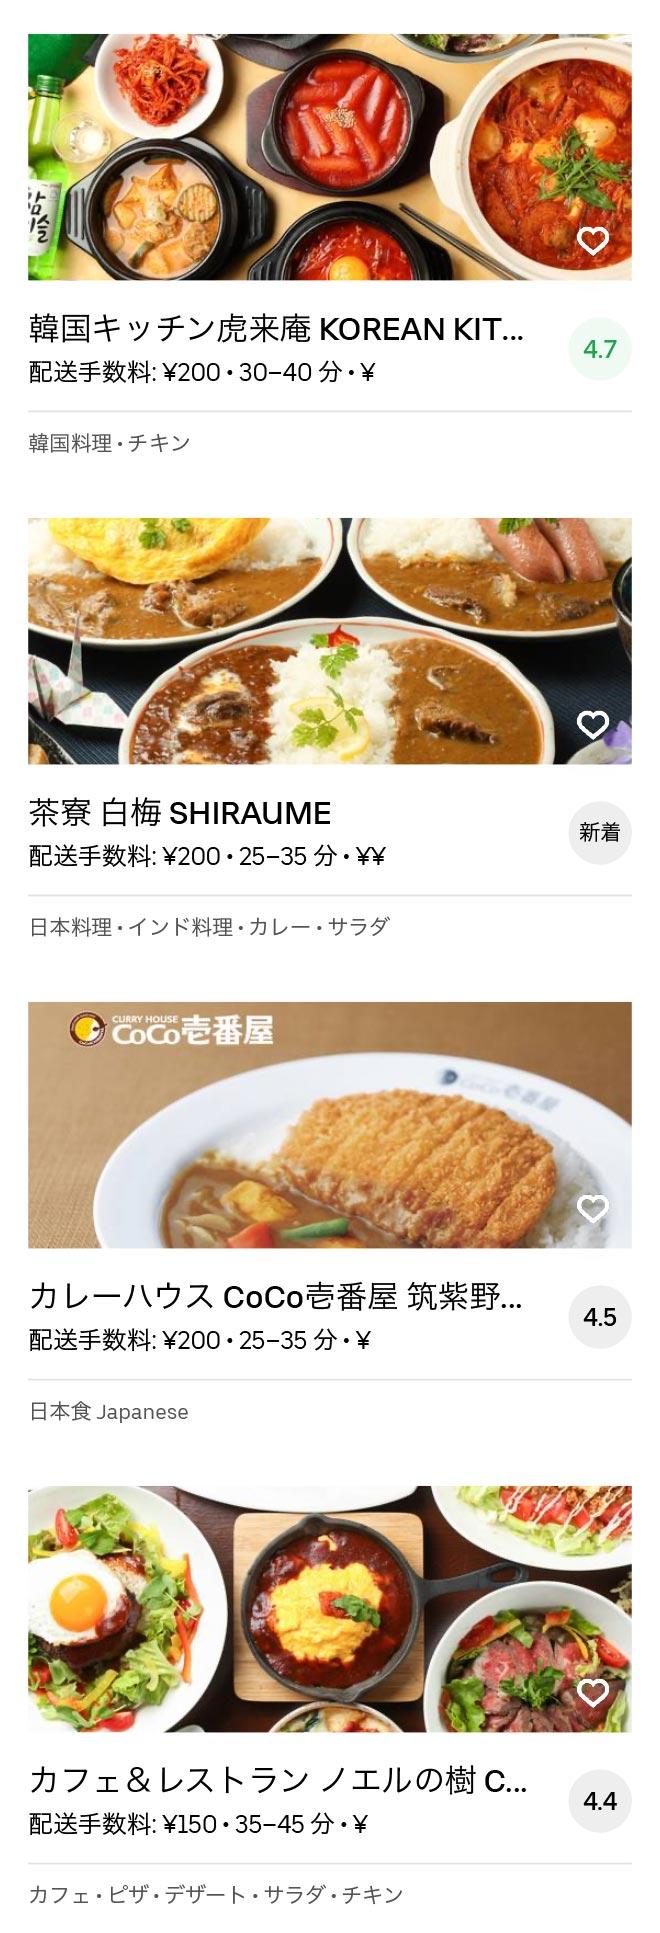 Tofuroumae menu 2004 03